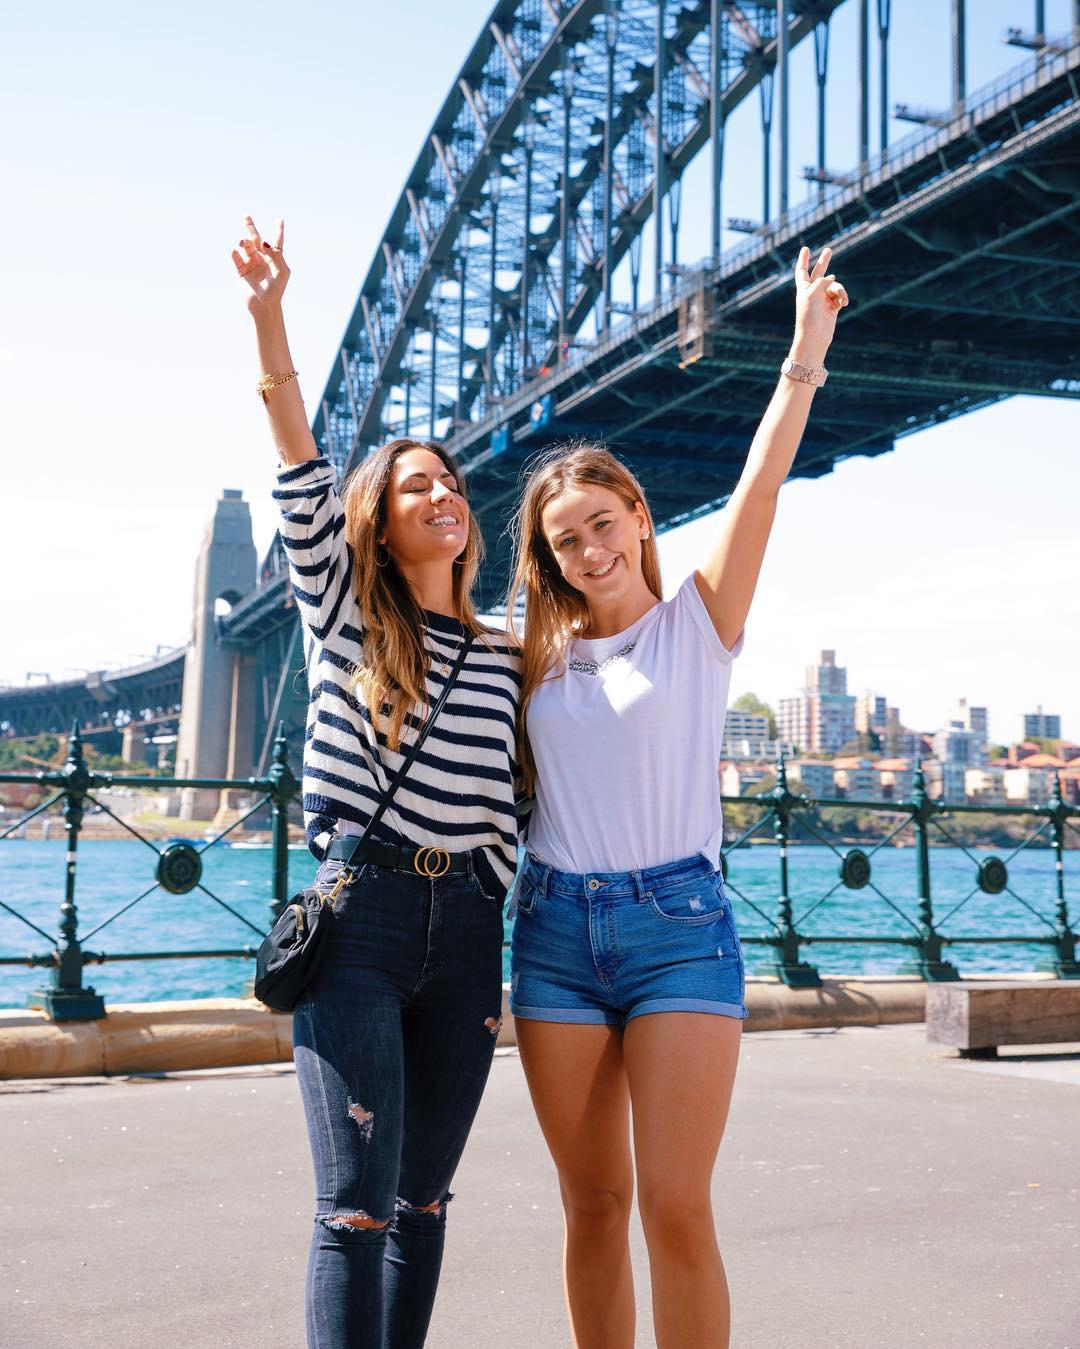 Russo sito di incontri Sydney Harvest Moon un nuovo inizio risalente Iroha